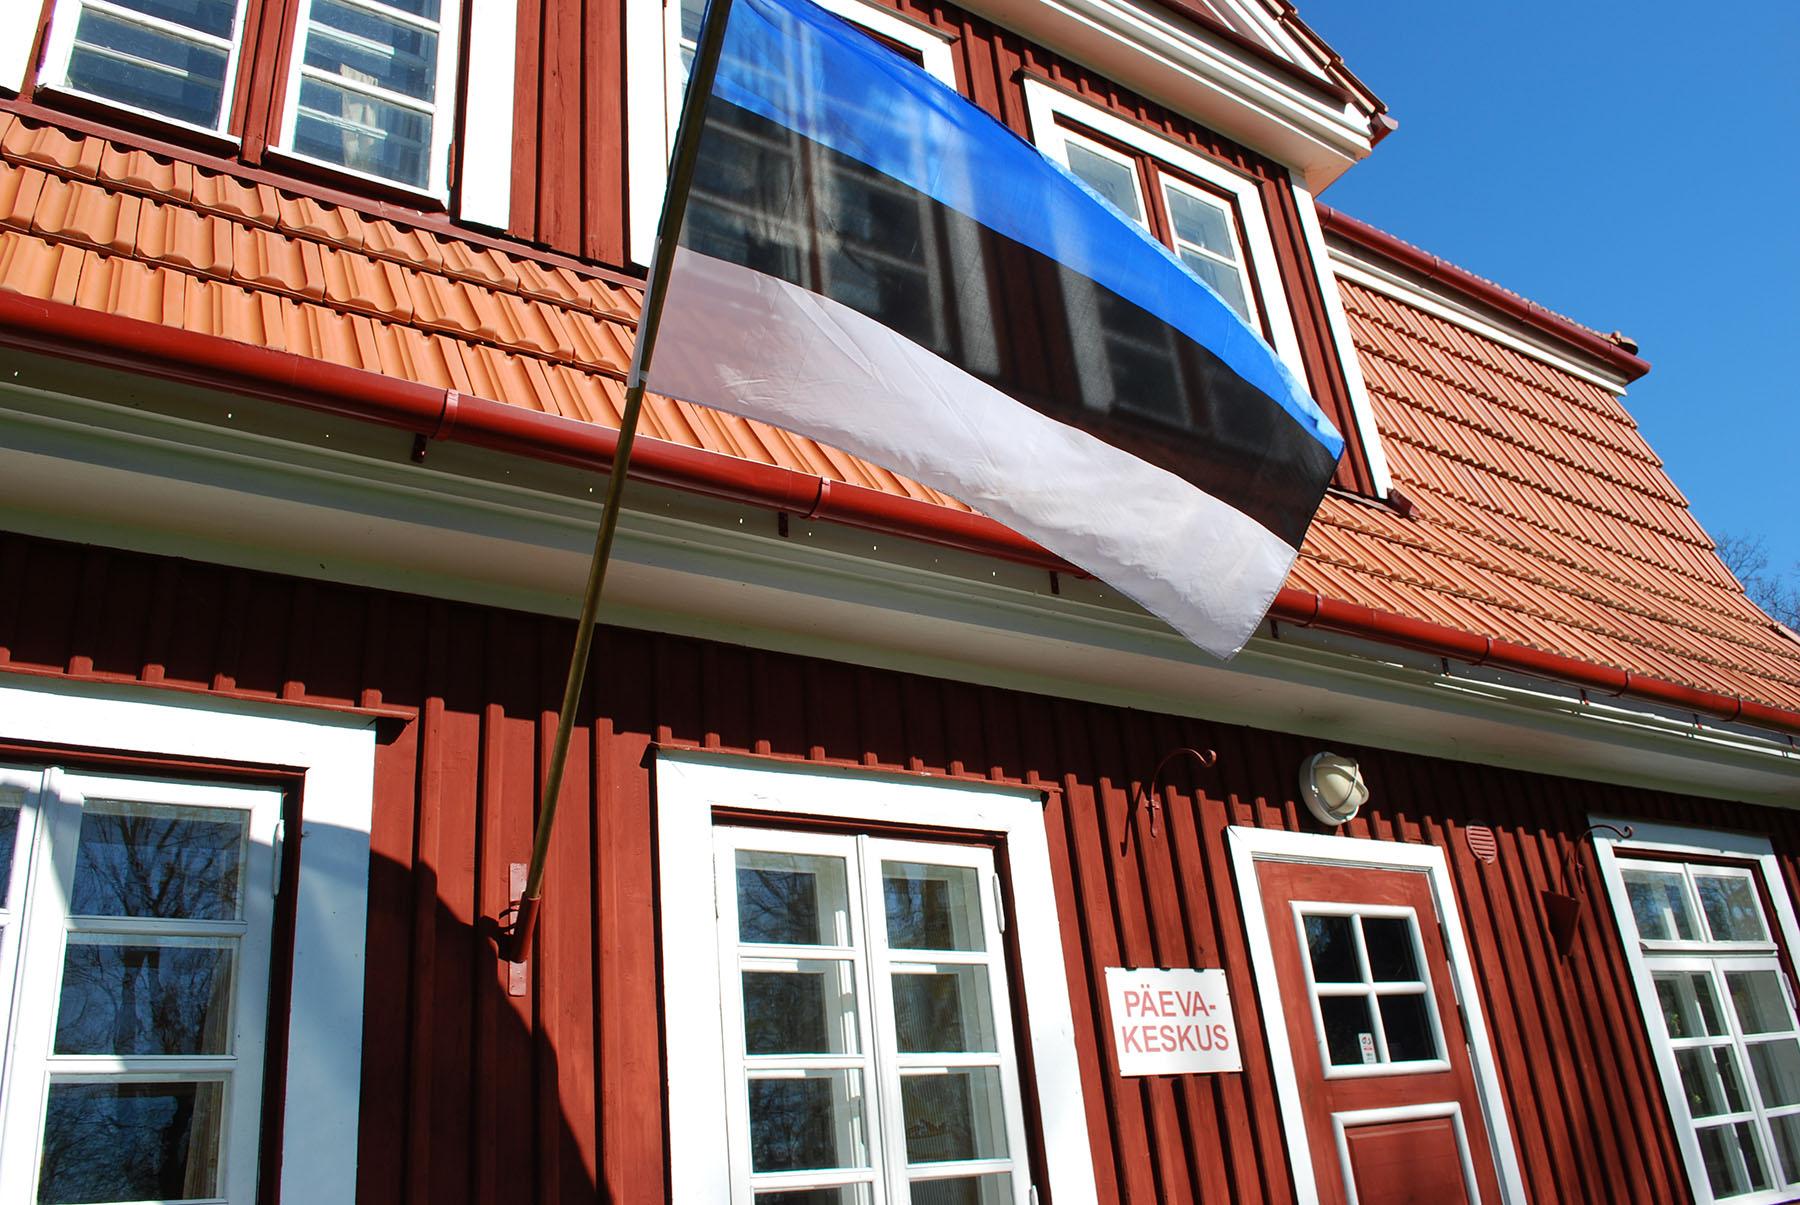 Eesti Vabariigi aastapäeva hommikul heisatakse enne kaheksat riigilipud. Foto Urmas Saard